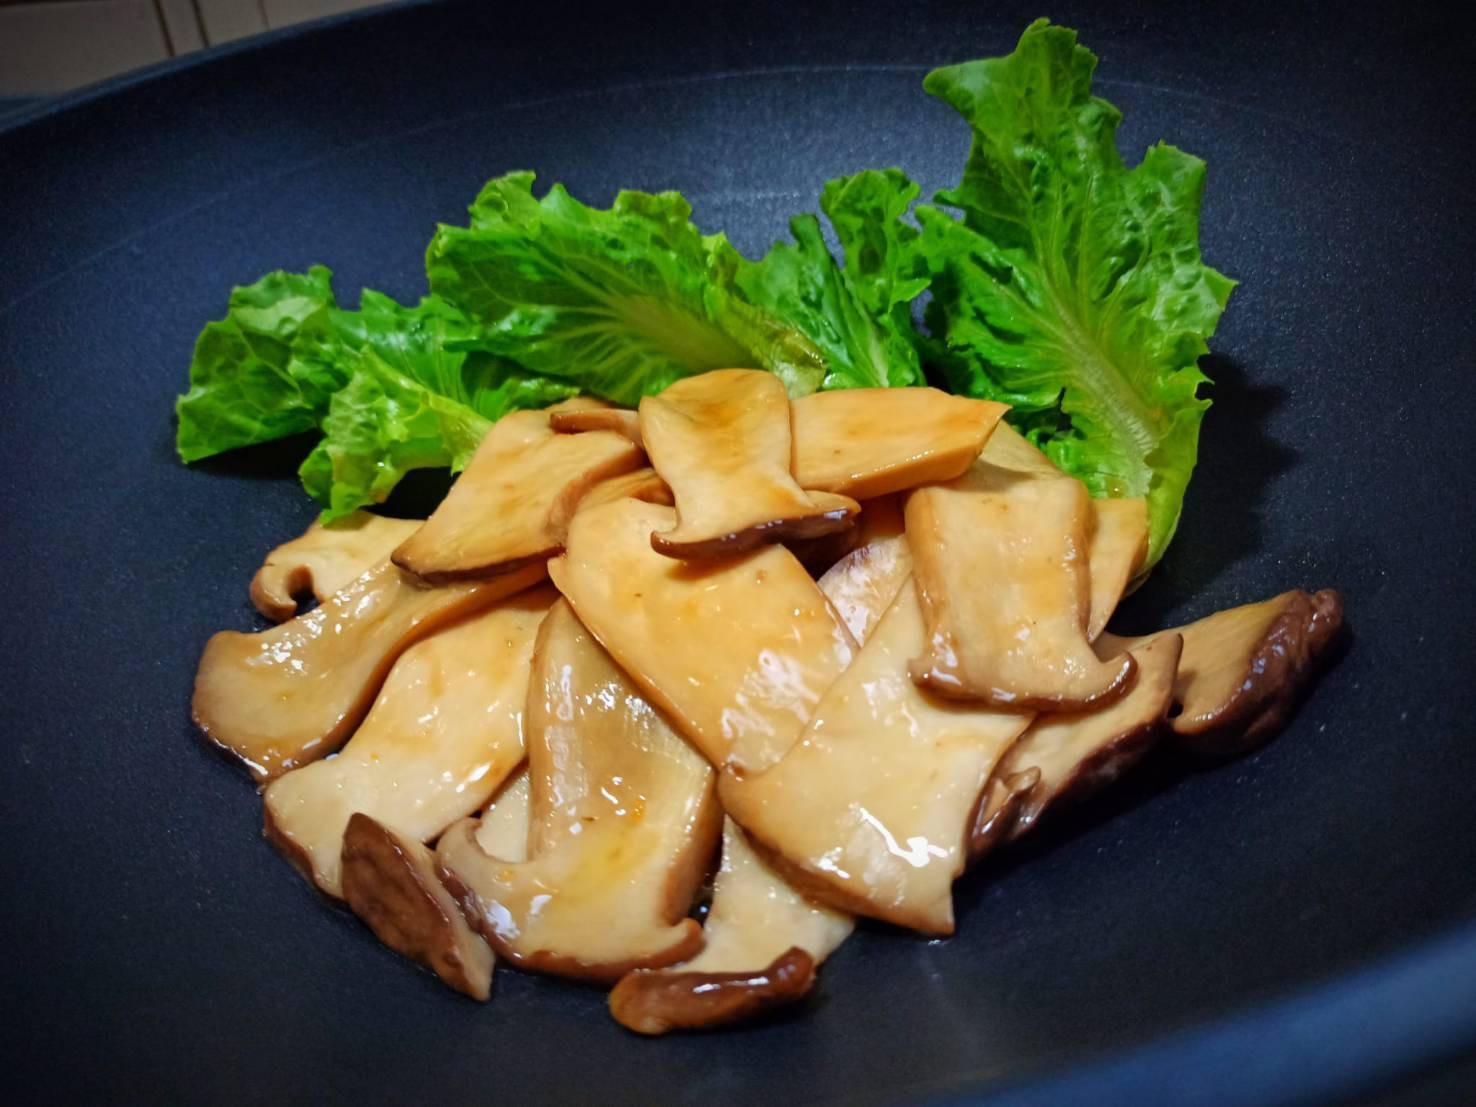 醬燒杏鮑菇(素鮑魚)簡單煮懶人料理快素食